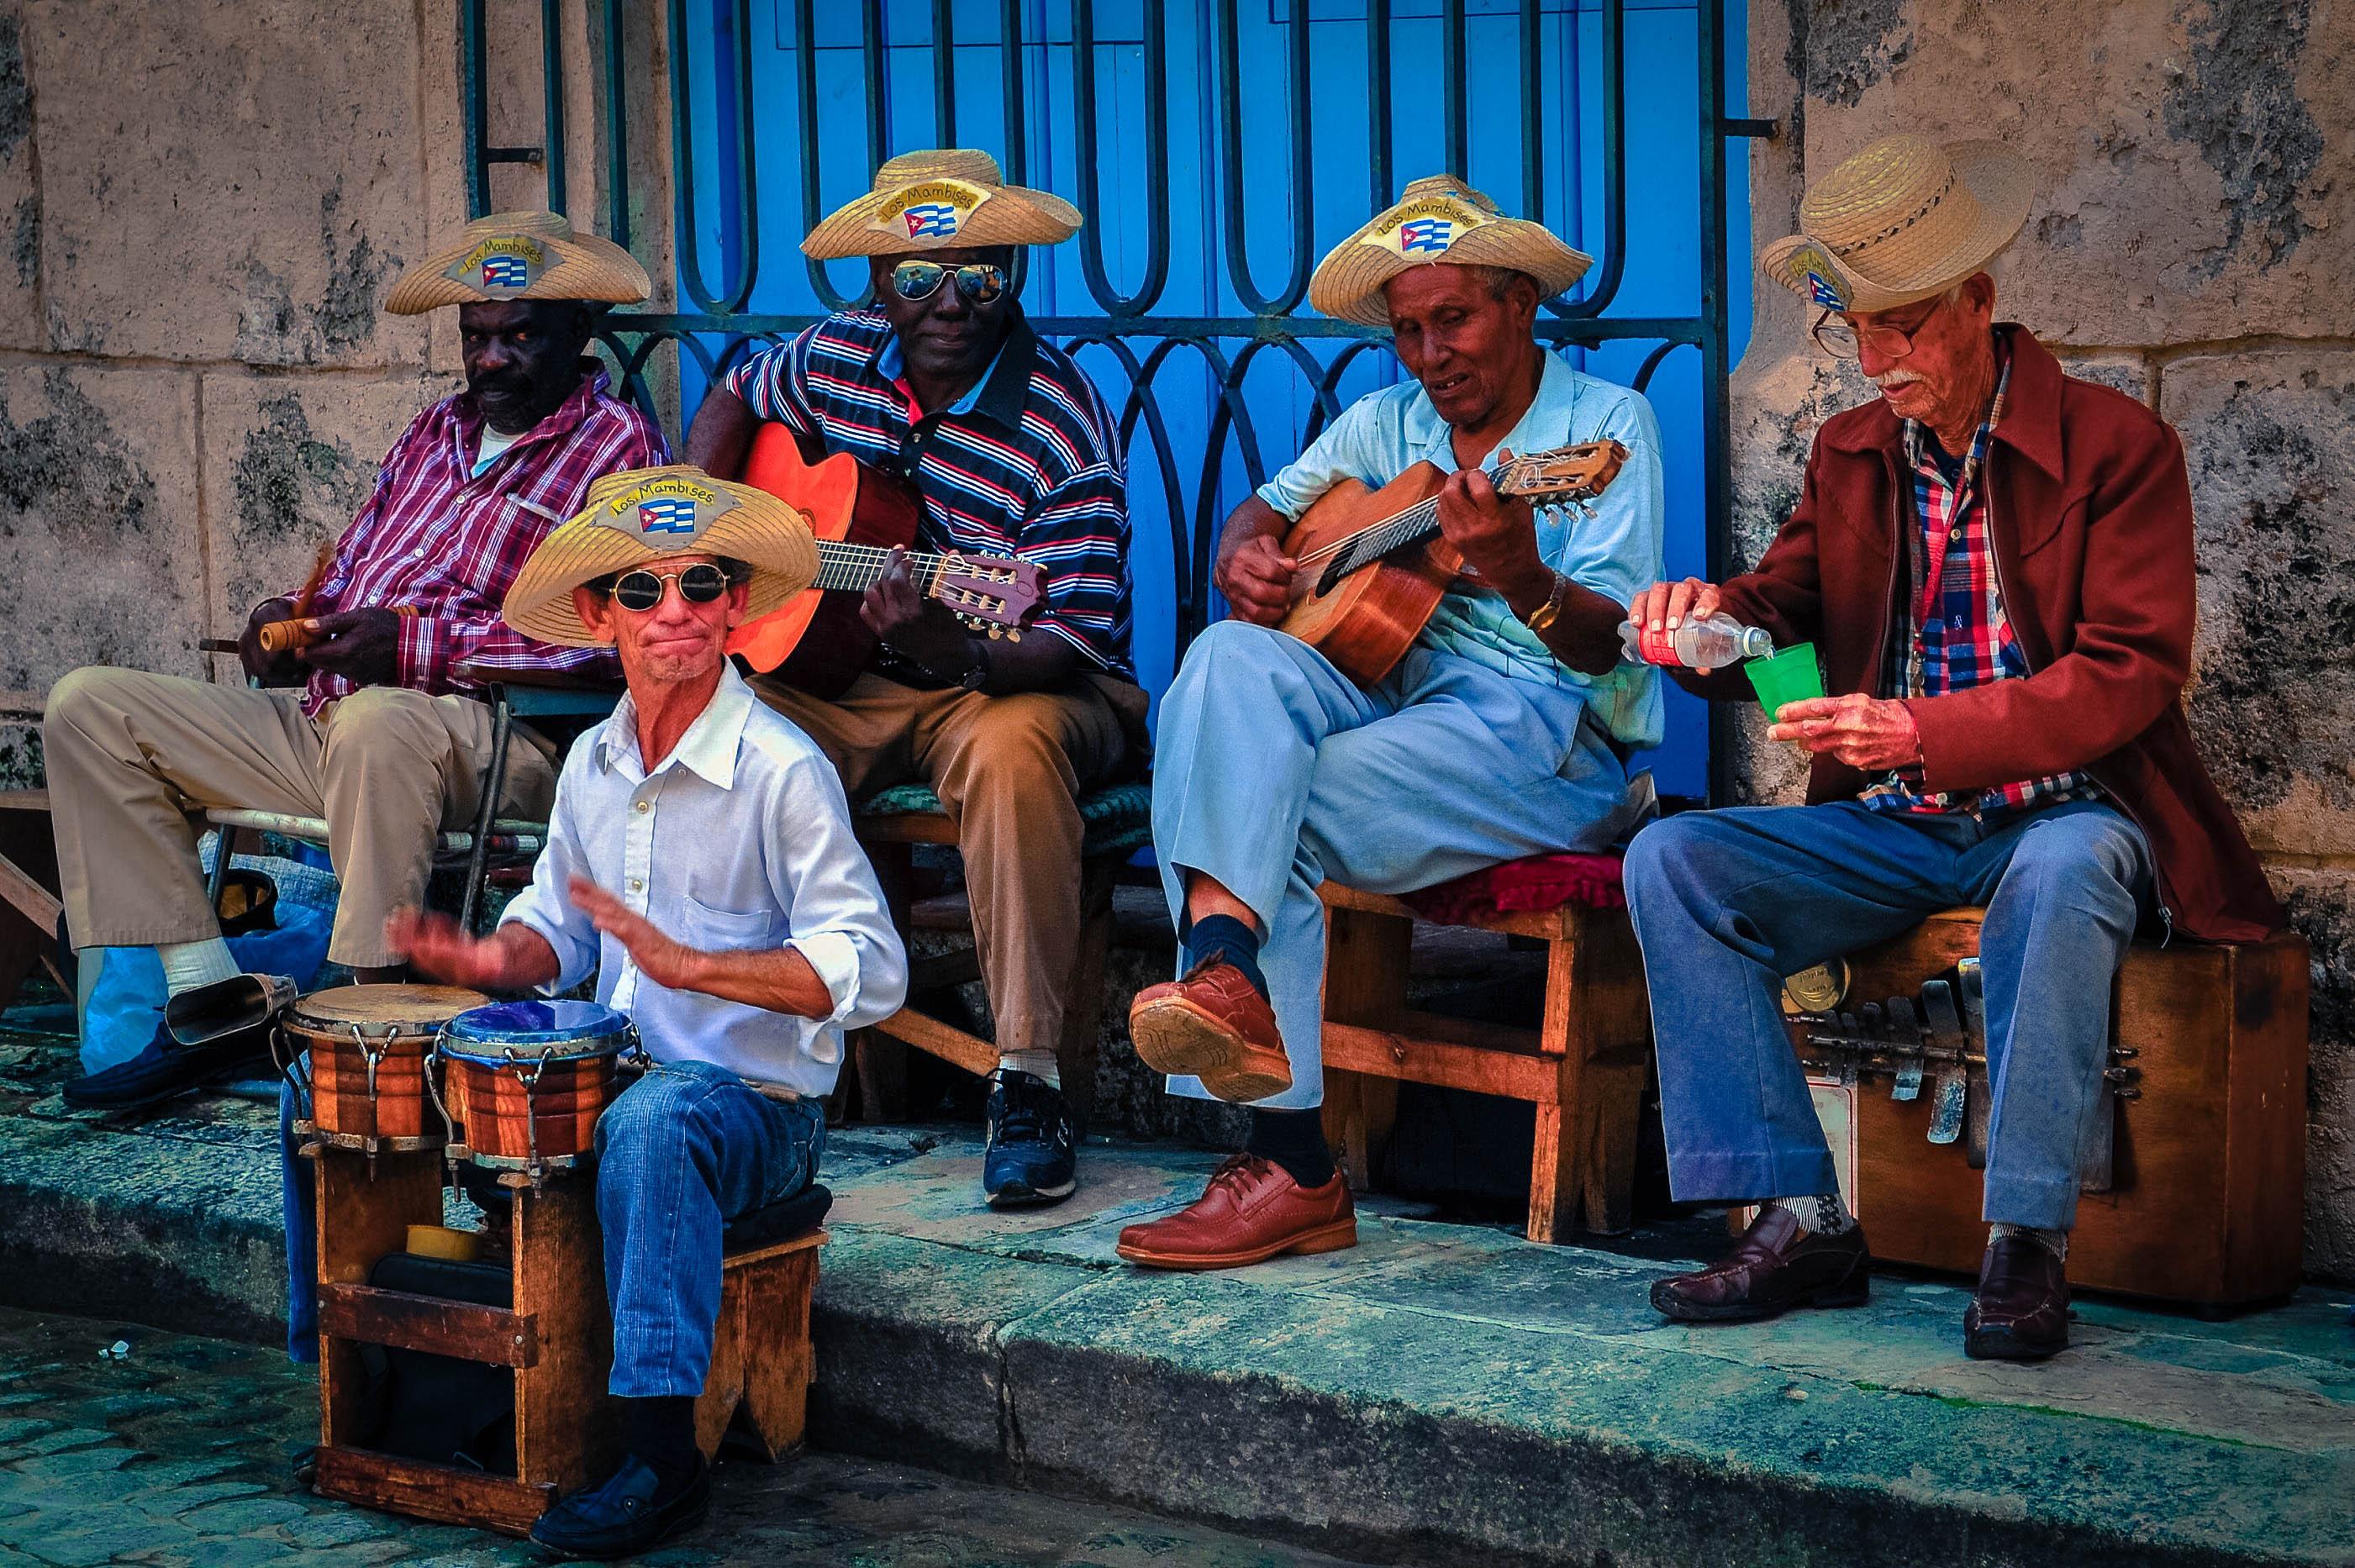 Виза на Кубу: нужна ли для россиян, виды виз и порядок оформления